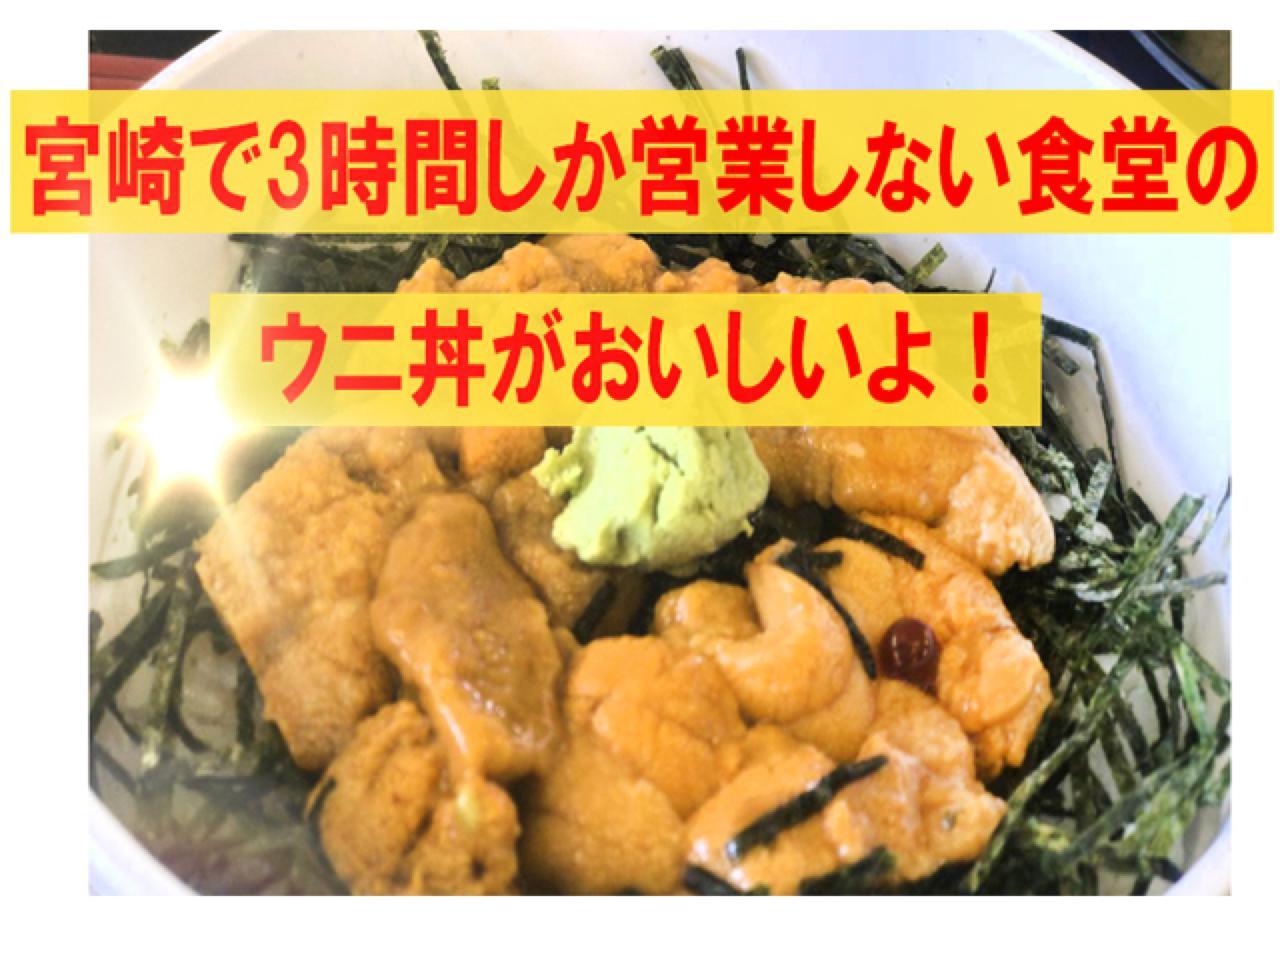 宮崎「渚」ウニ丼